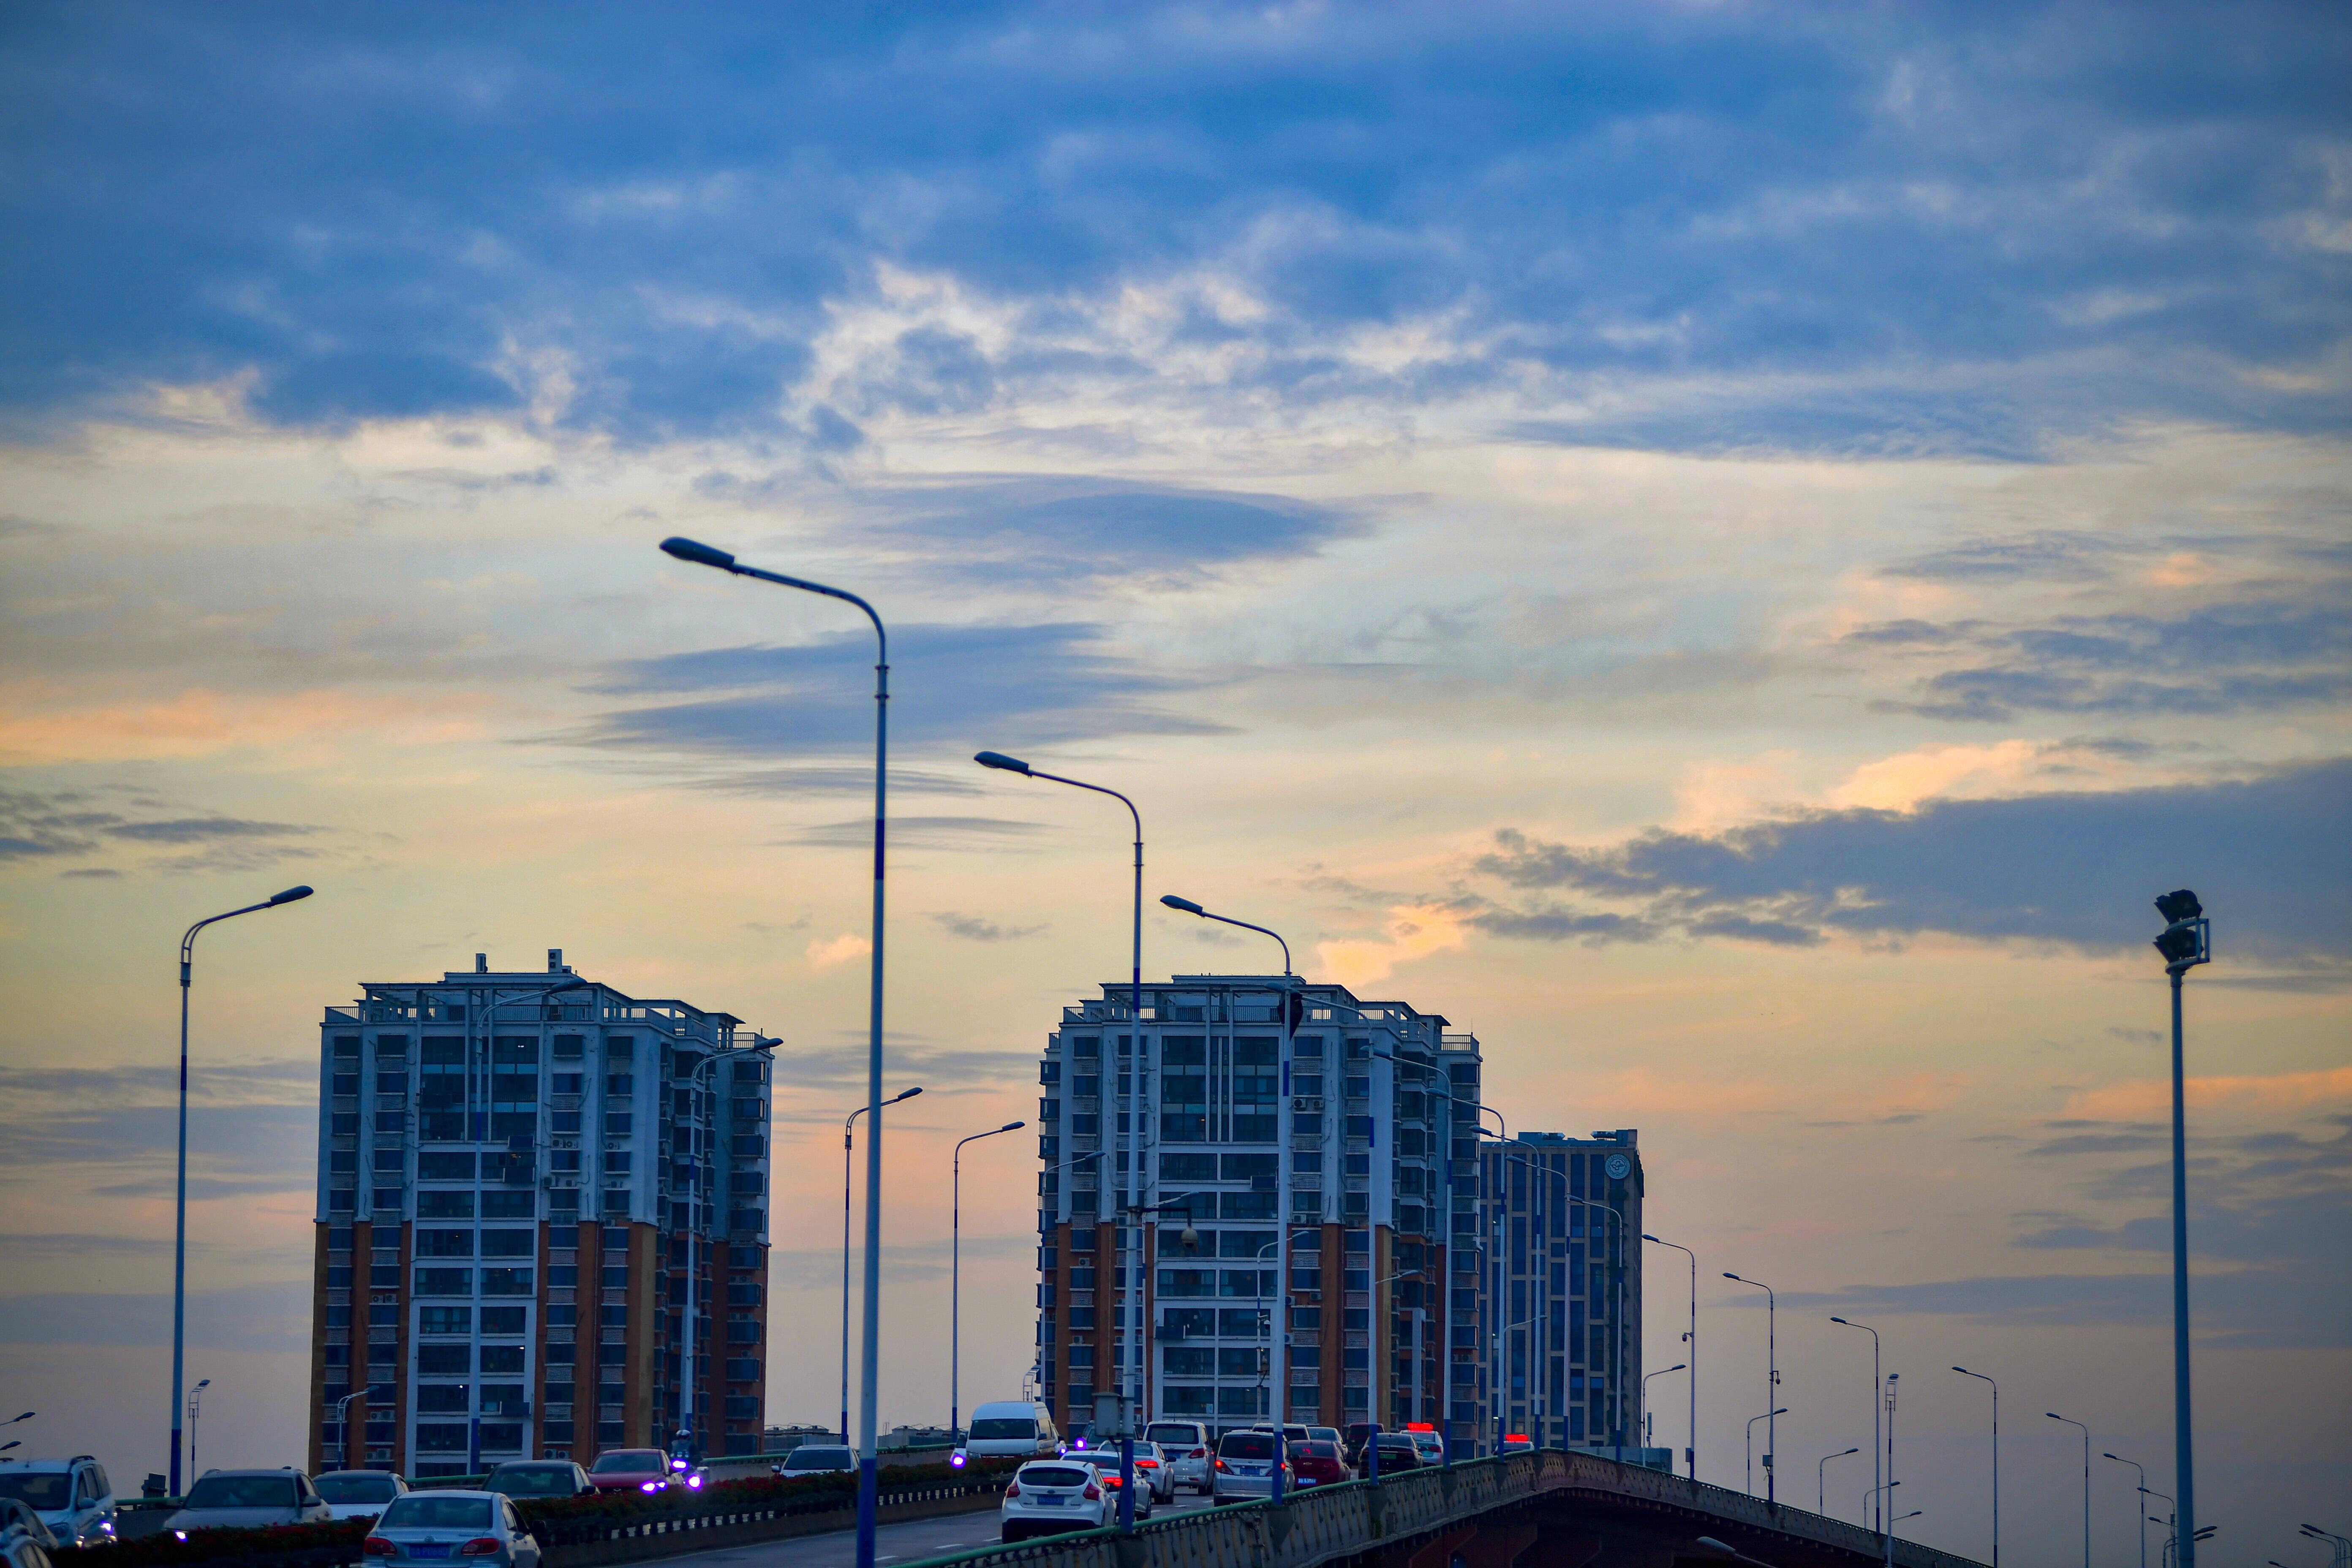 连绵秋雨后 天际边挤出的一丝蓝天和晚霞  济南城市被装扮成油彩画